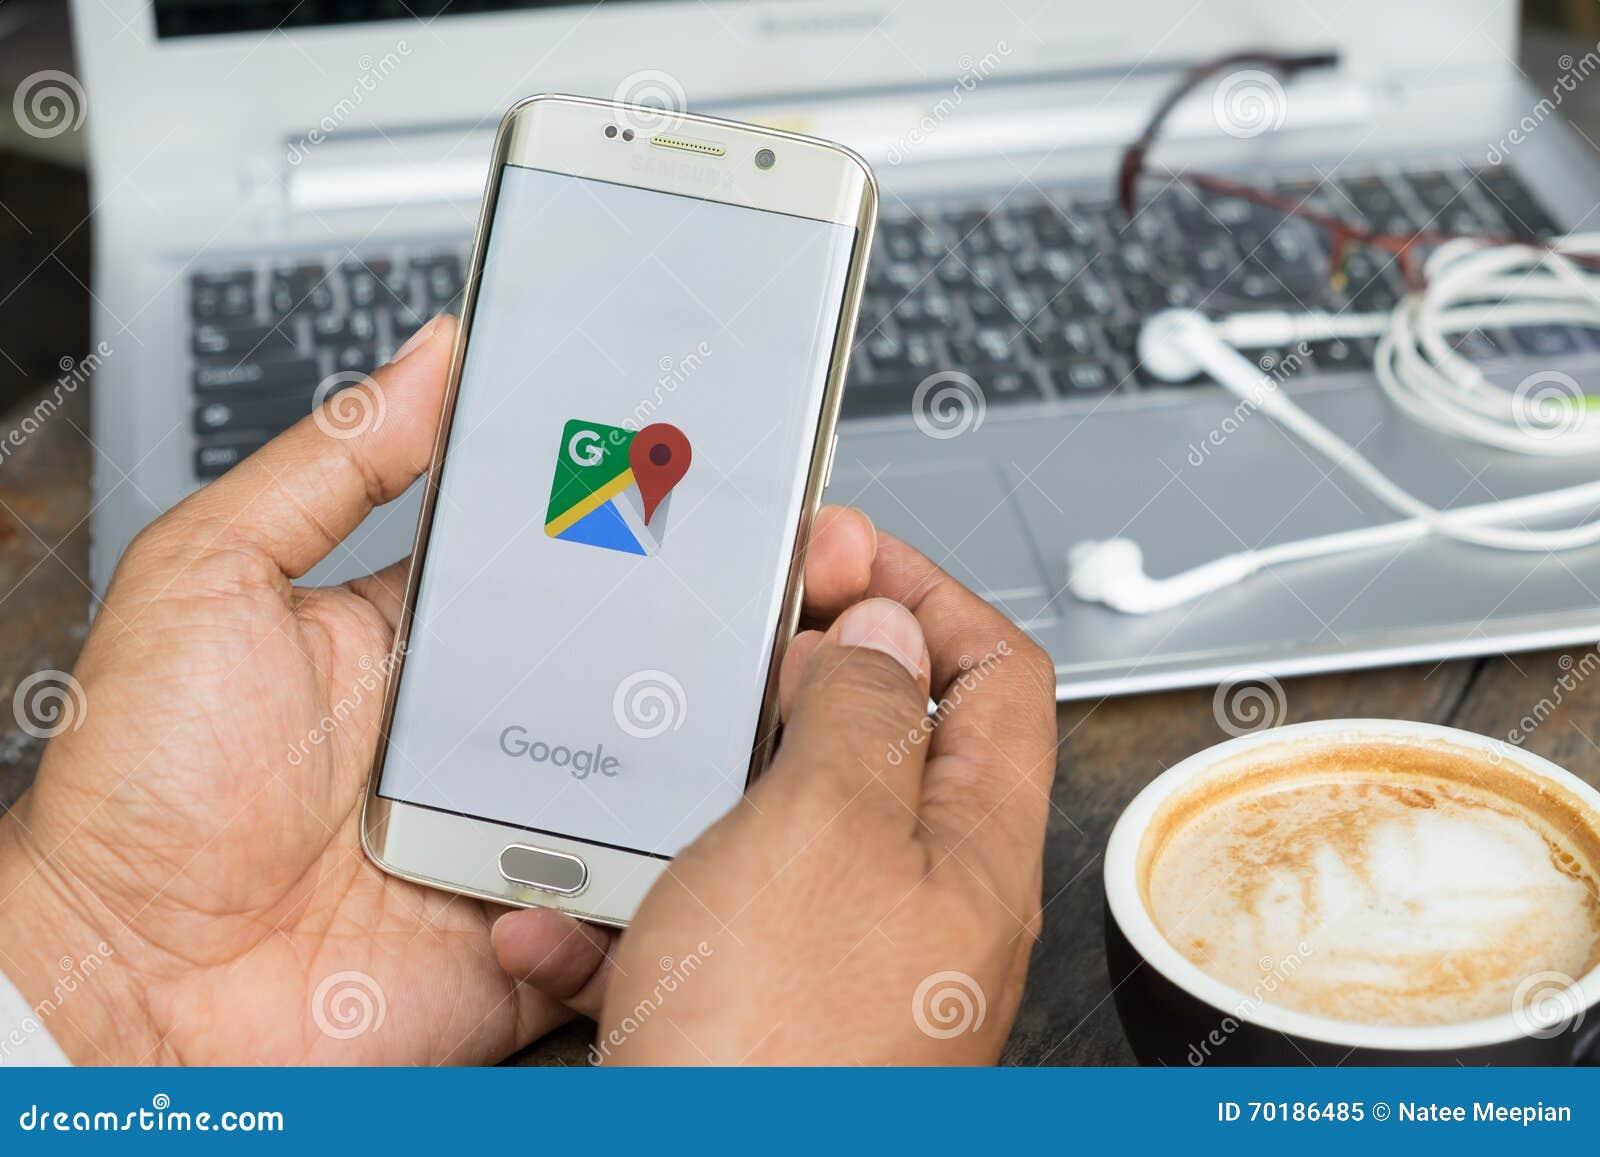 CHIANG MAI THAILAND - MARS 16: Google Maps för mobil